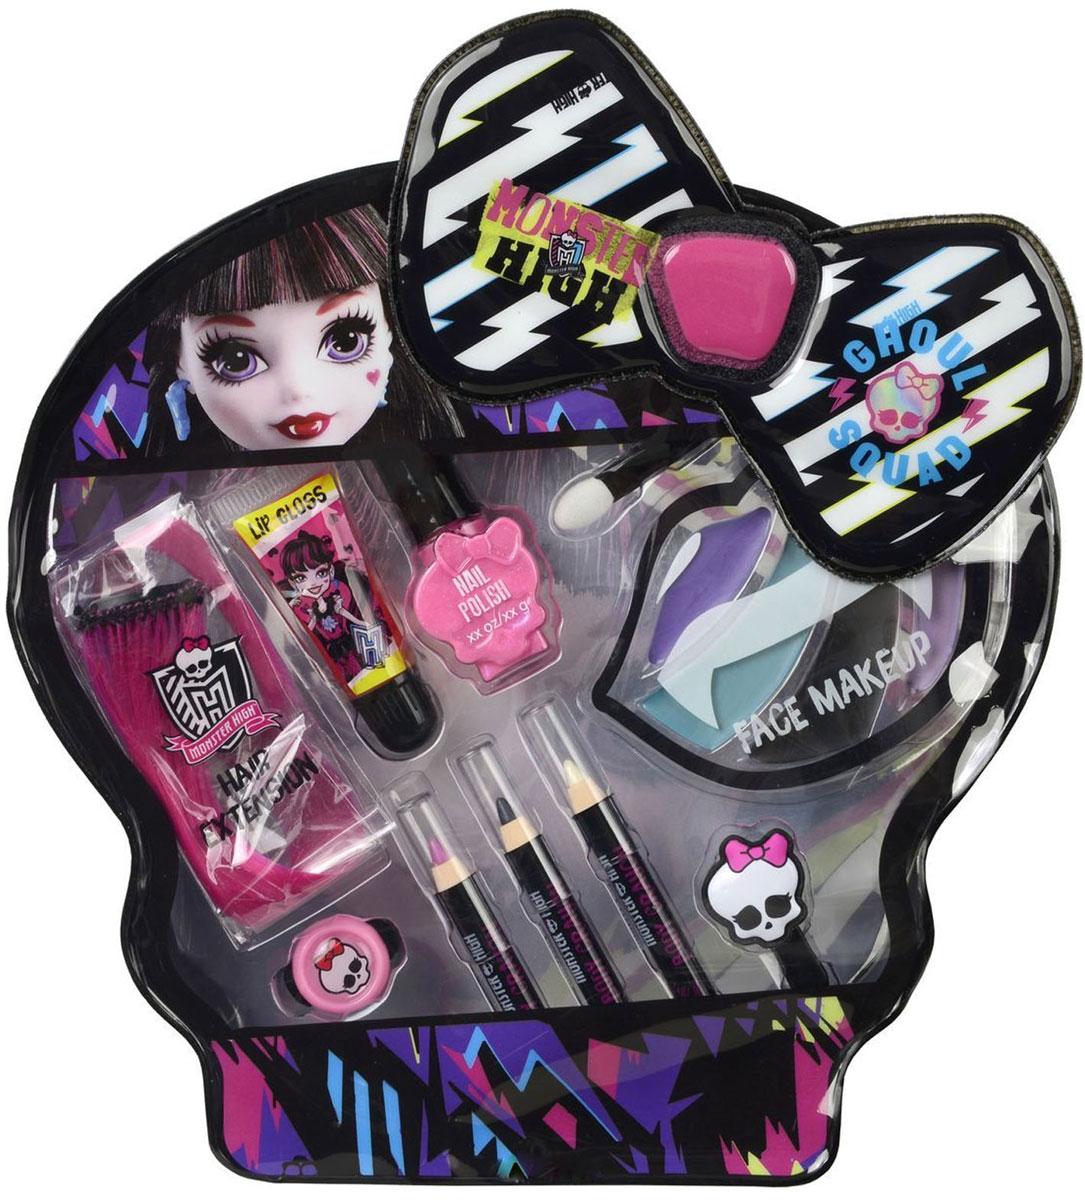 Markwins Игровой набор детской декоративной косметики Monster High Draculaura 97062519706251Набор детской декоративной косметики Monster High Draculaura может стать отличным подарком для юной модницы, который позволит ей почувствовать себя настоящим мастером макияжа.